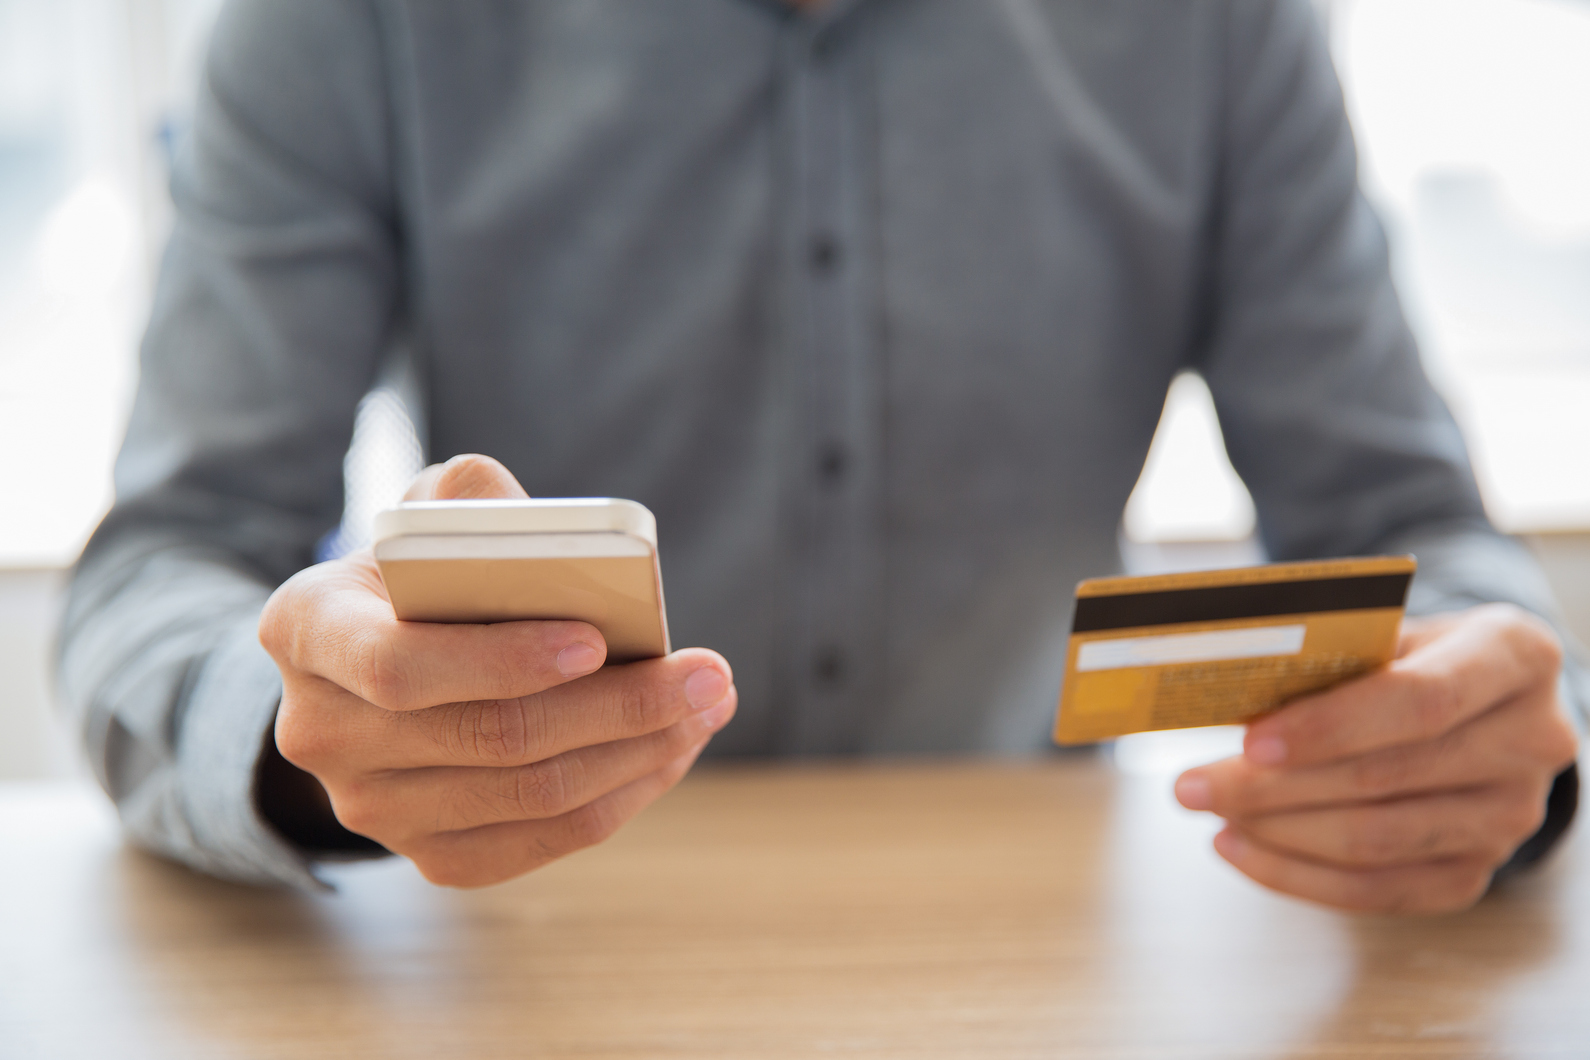 Compras online 4 dicas essenciais pplware for Compra online mobili